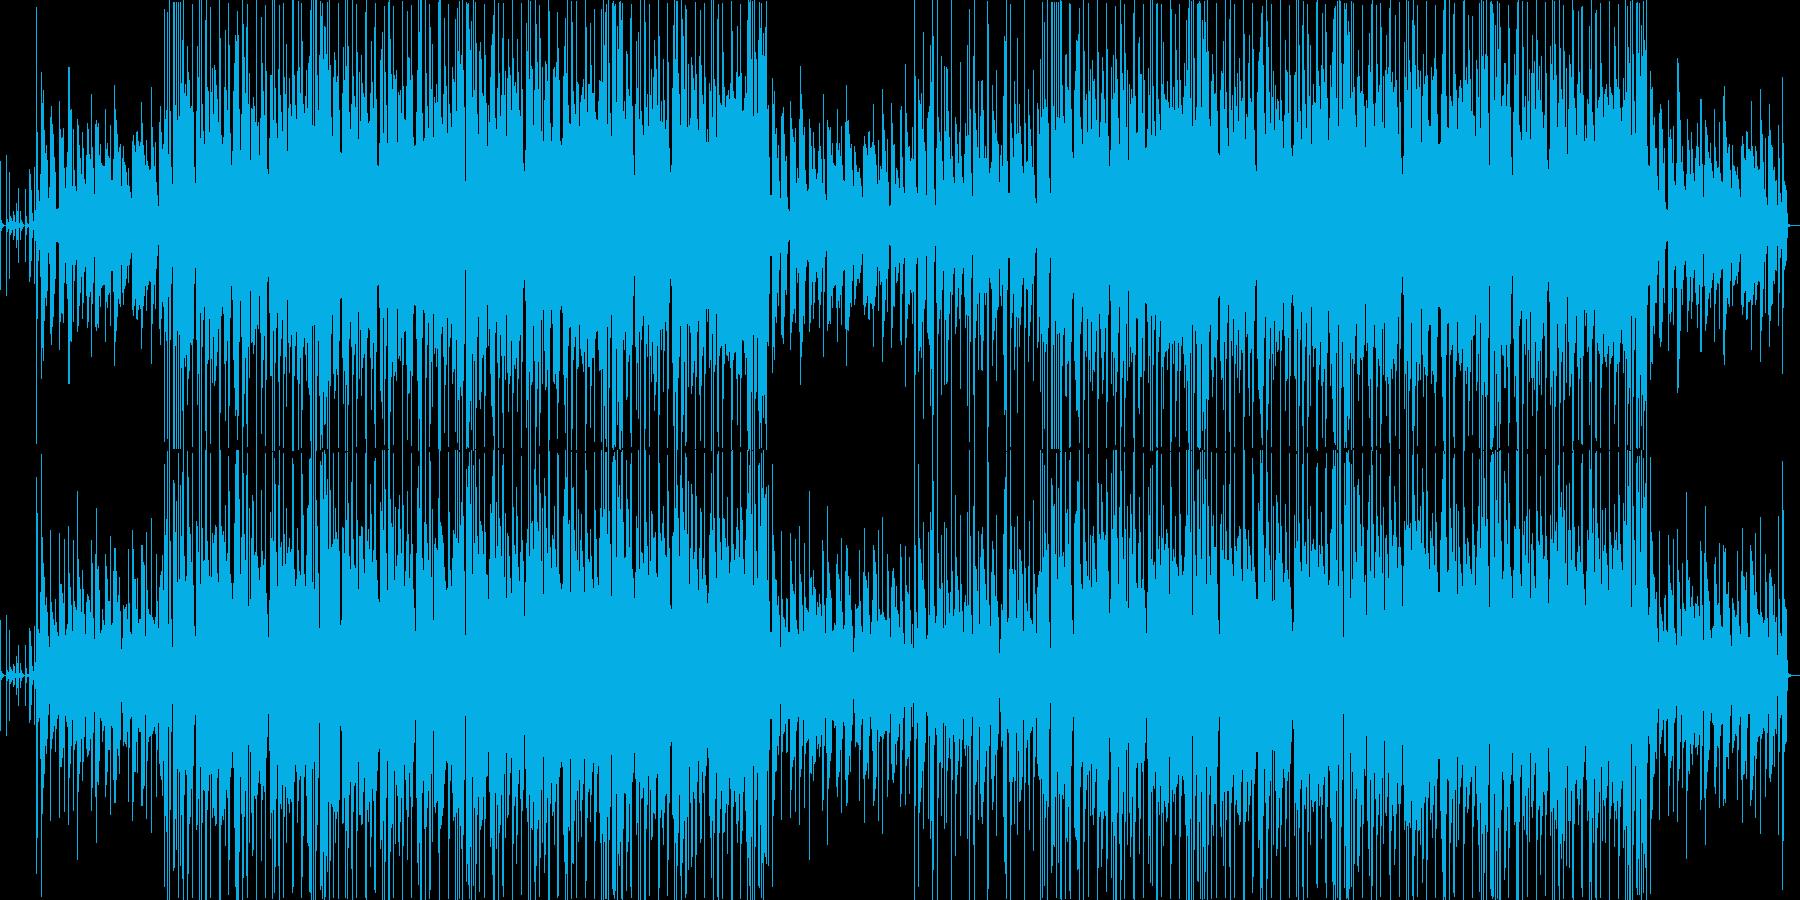 ほのぼの系アコースティックポップスの再生済みの波形